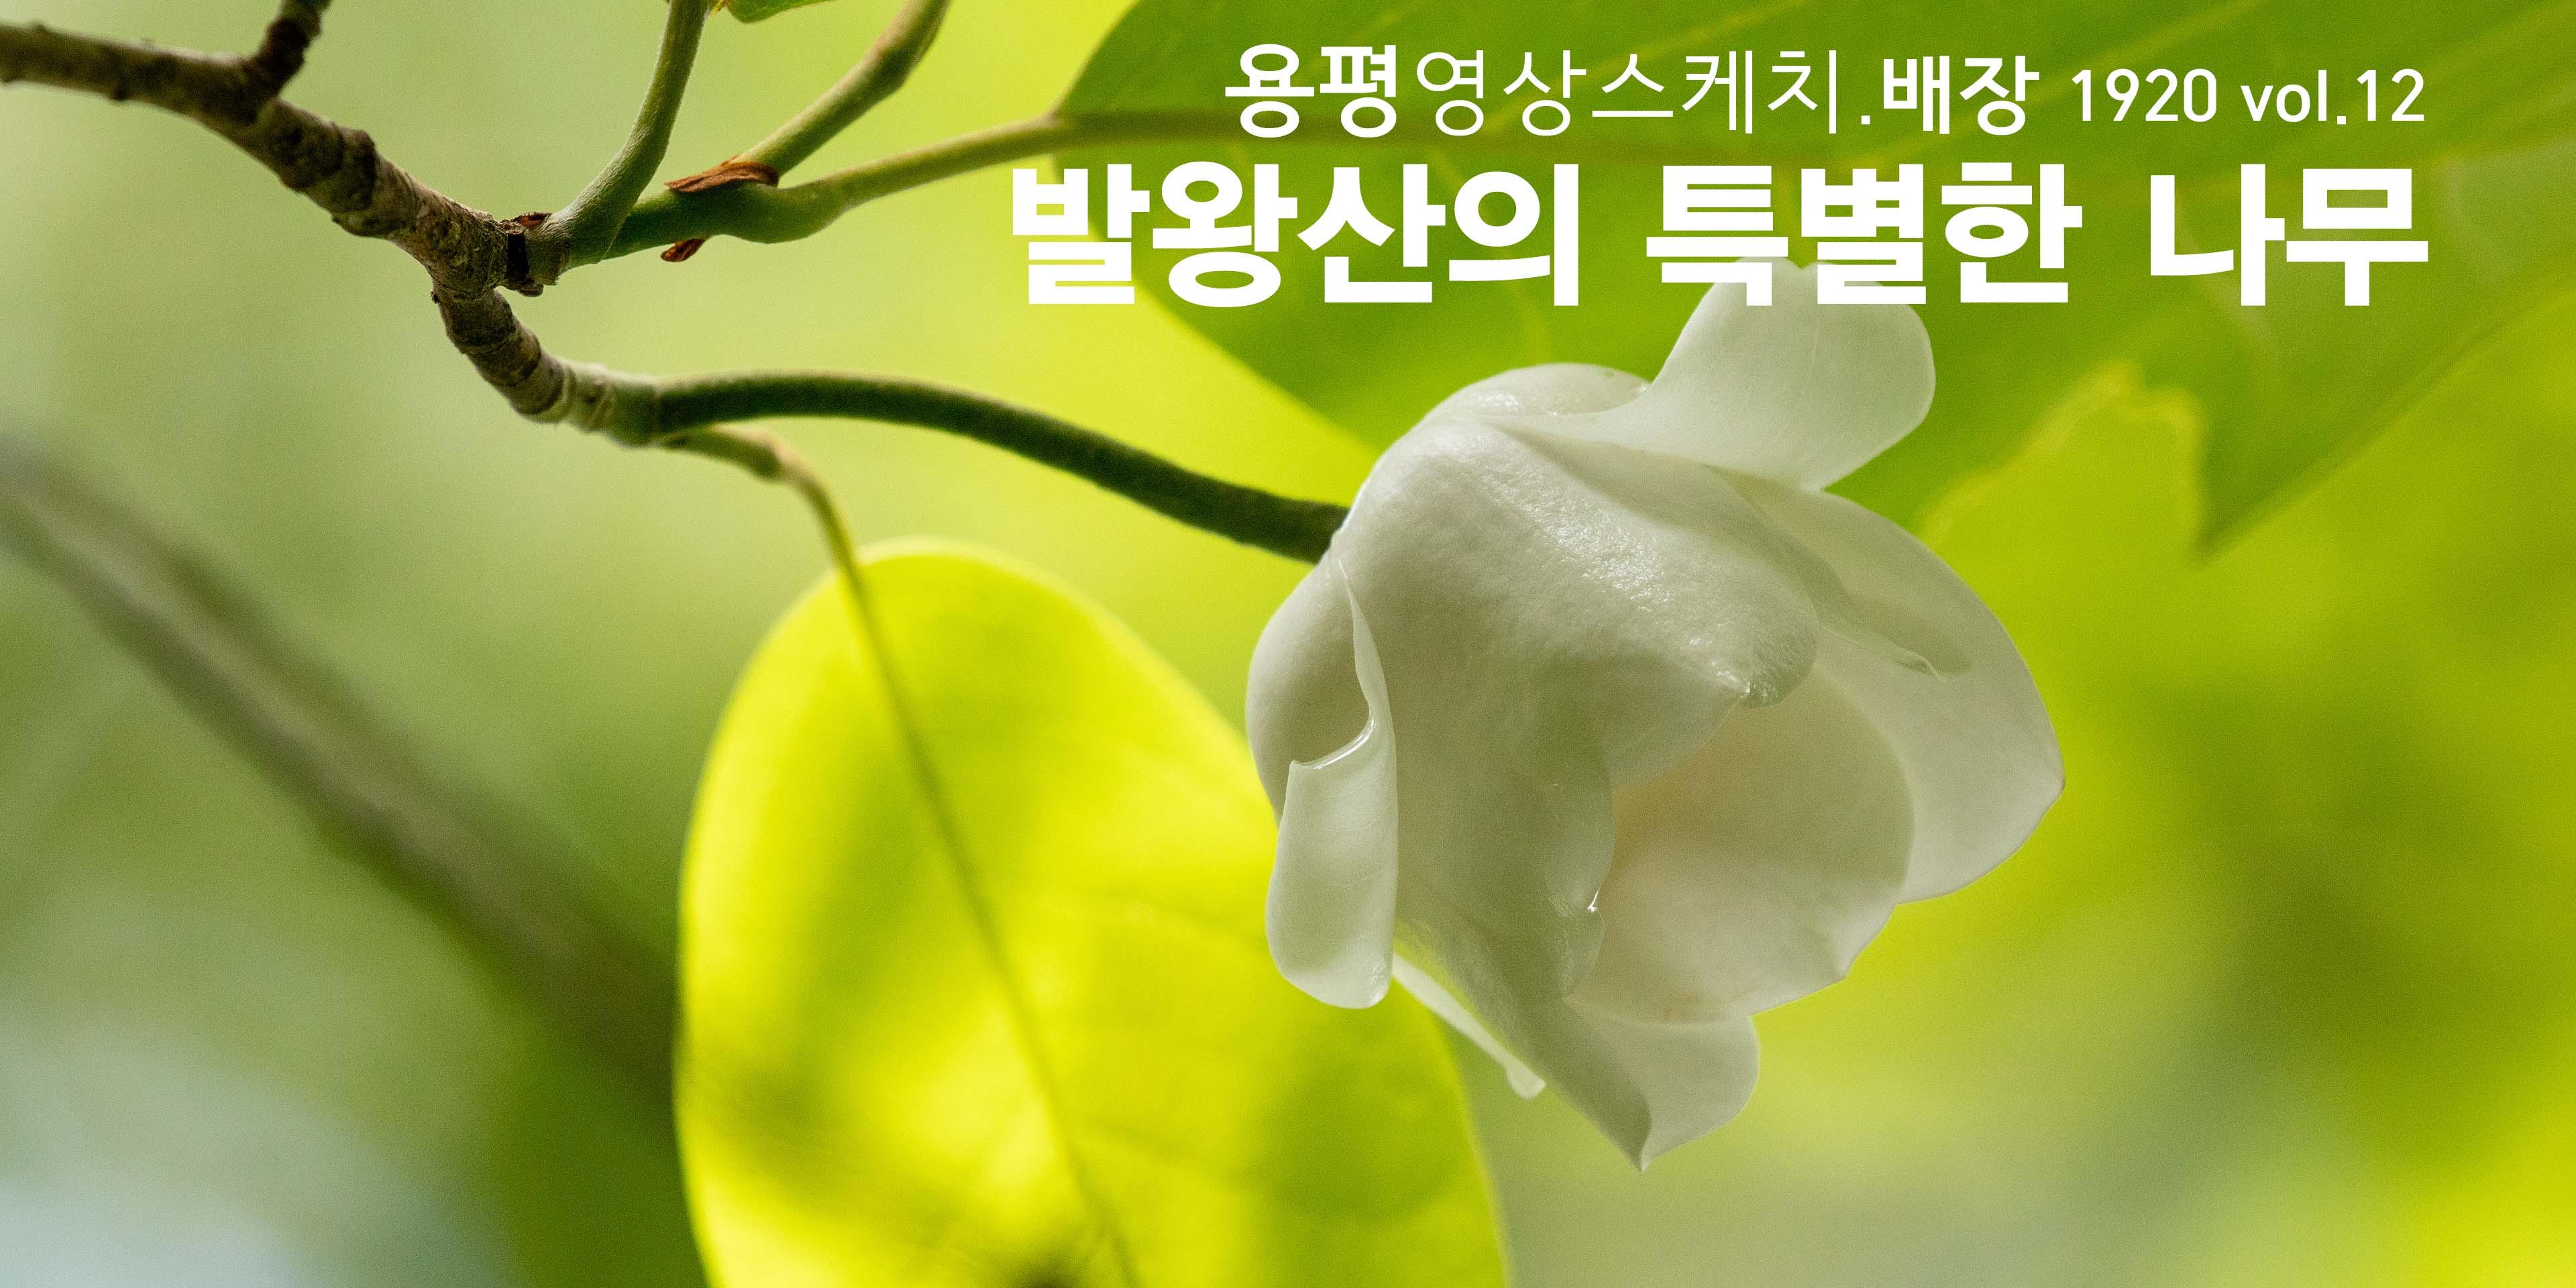 발왕산의 신비한 나무 _ 용평영상스케치.배장 1920 12편